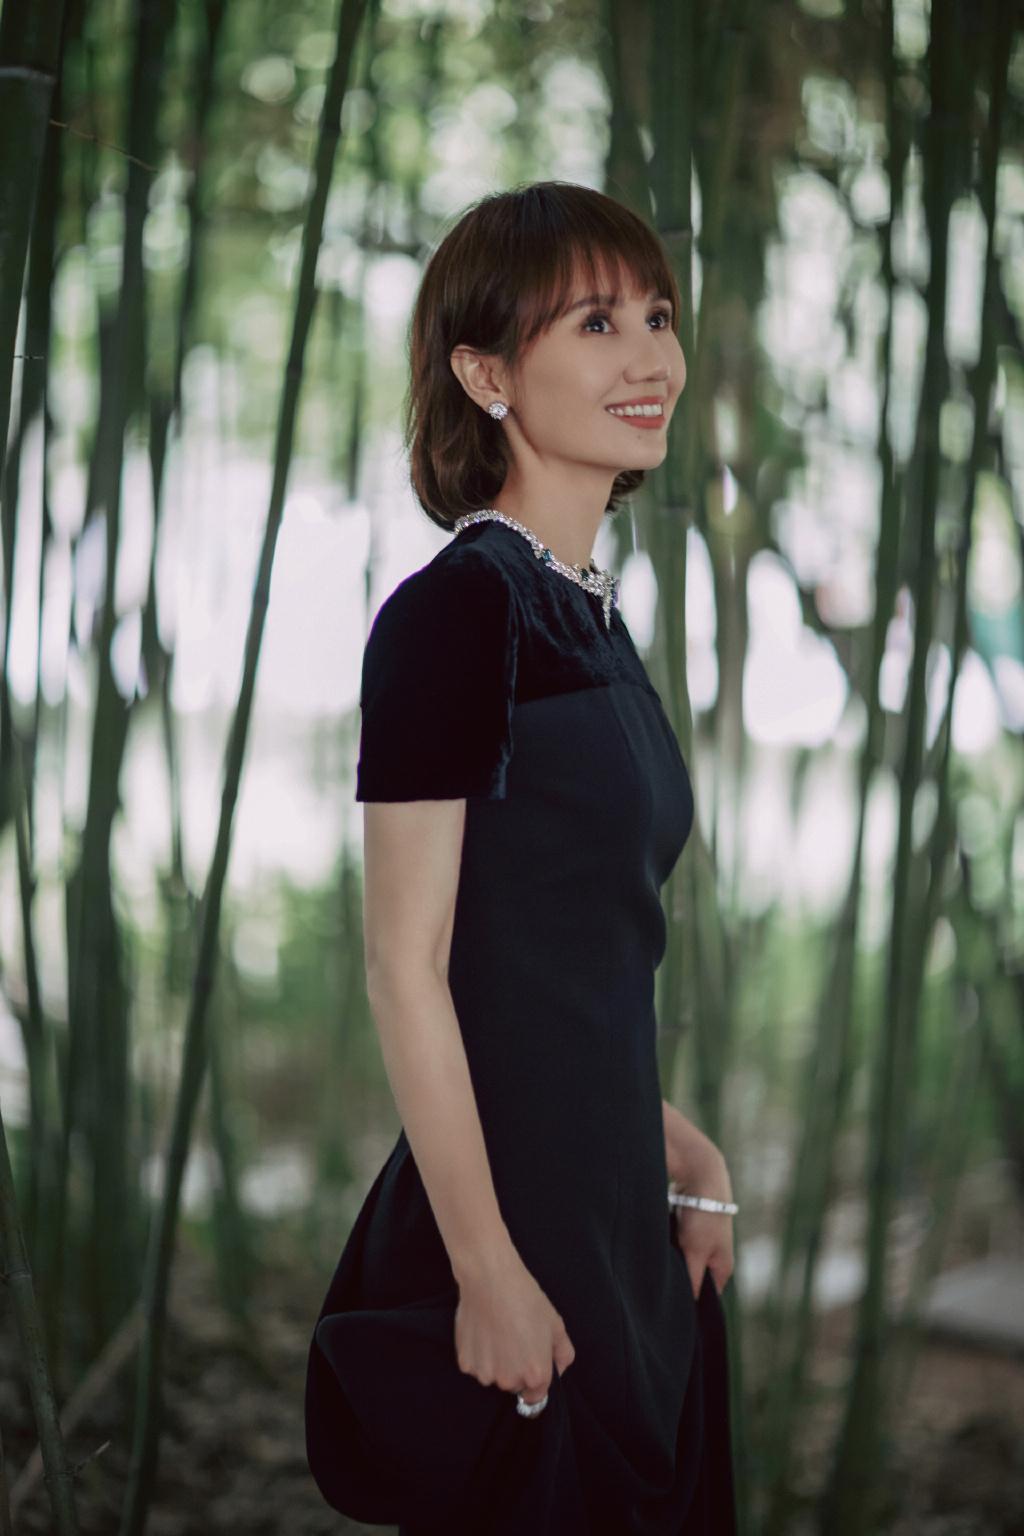 """袁泉换新发型""""火""""了!超短发搭配一身黑惊艳亮相,意外高级洋气"""